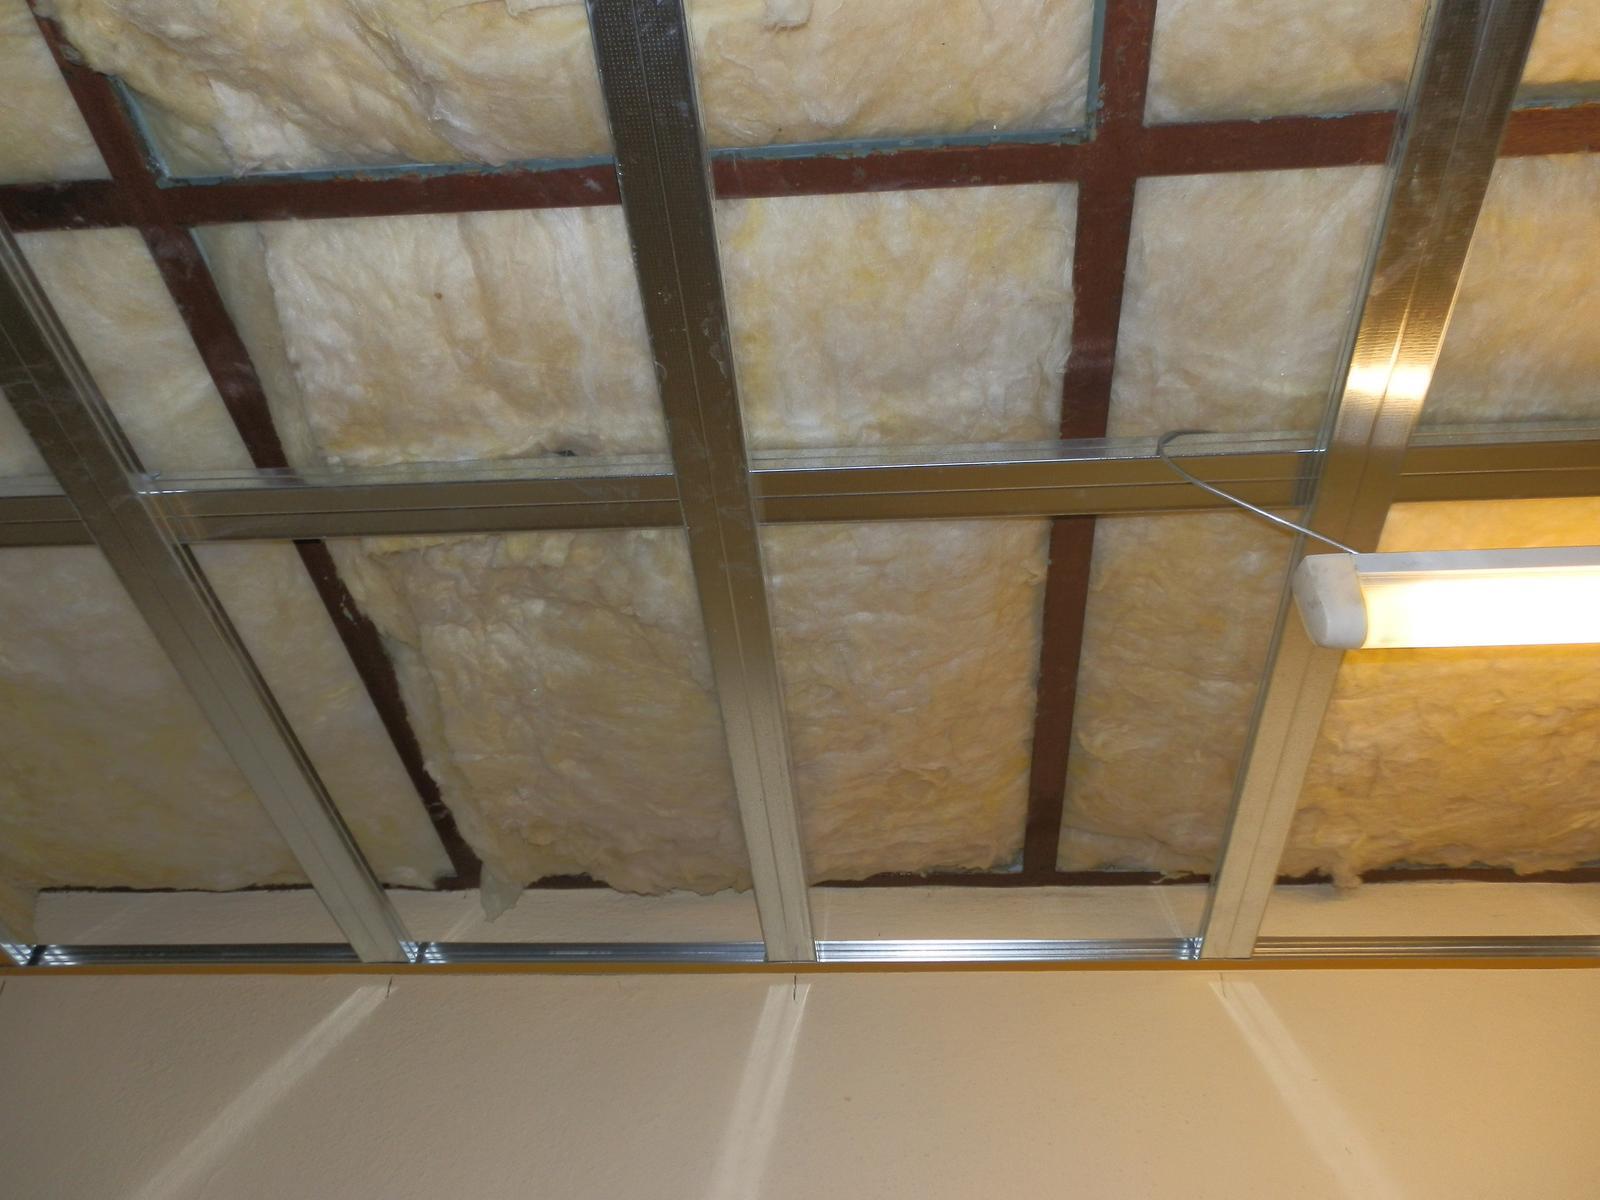 Náš byt v domě- rekonstrukce - Obrázek č. 99